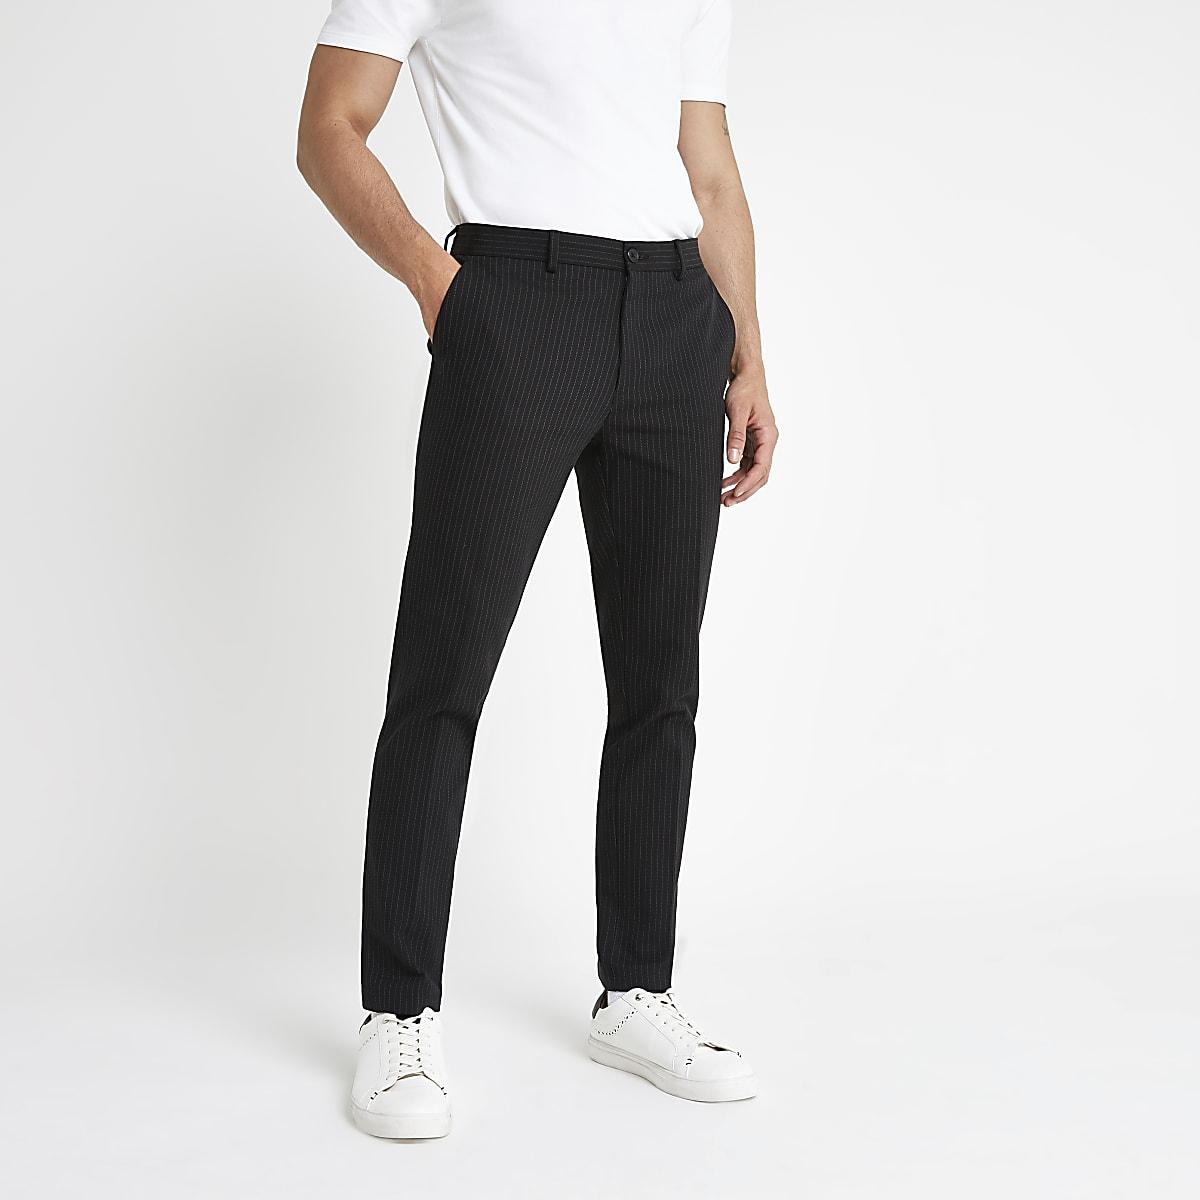 Marineblauwe skinny-fit broek met krijtstreep